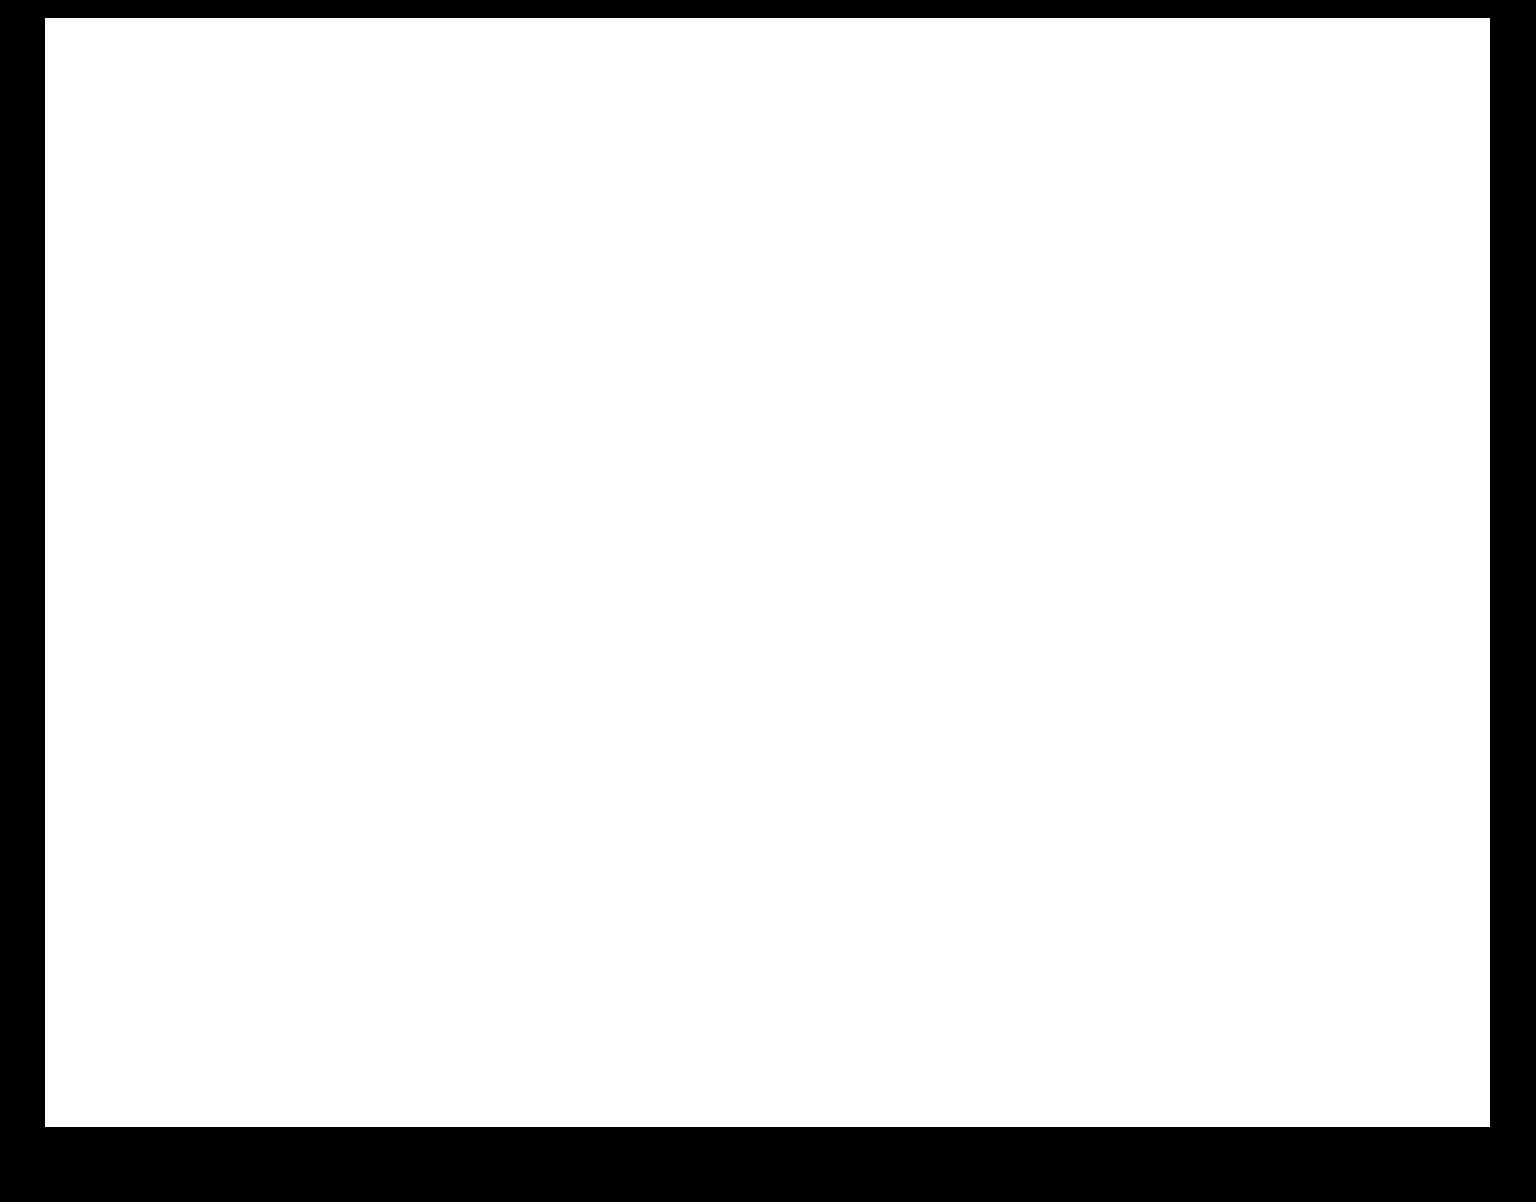 Centro Holistico Cancun